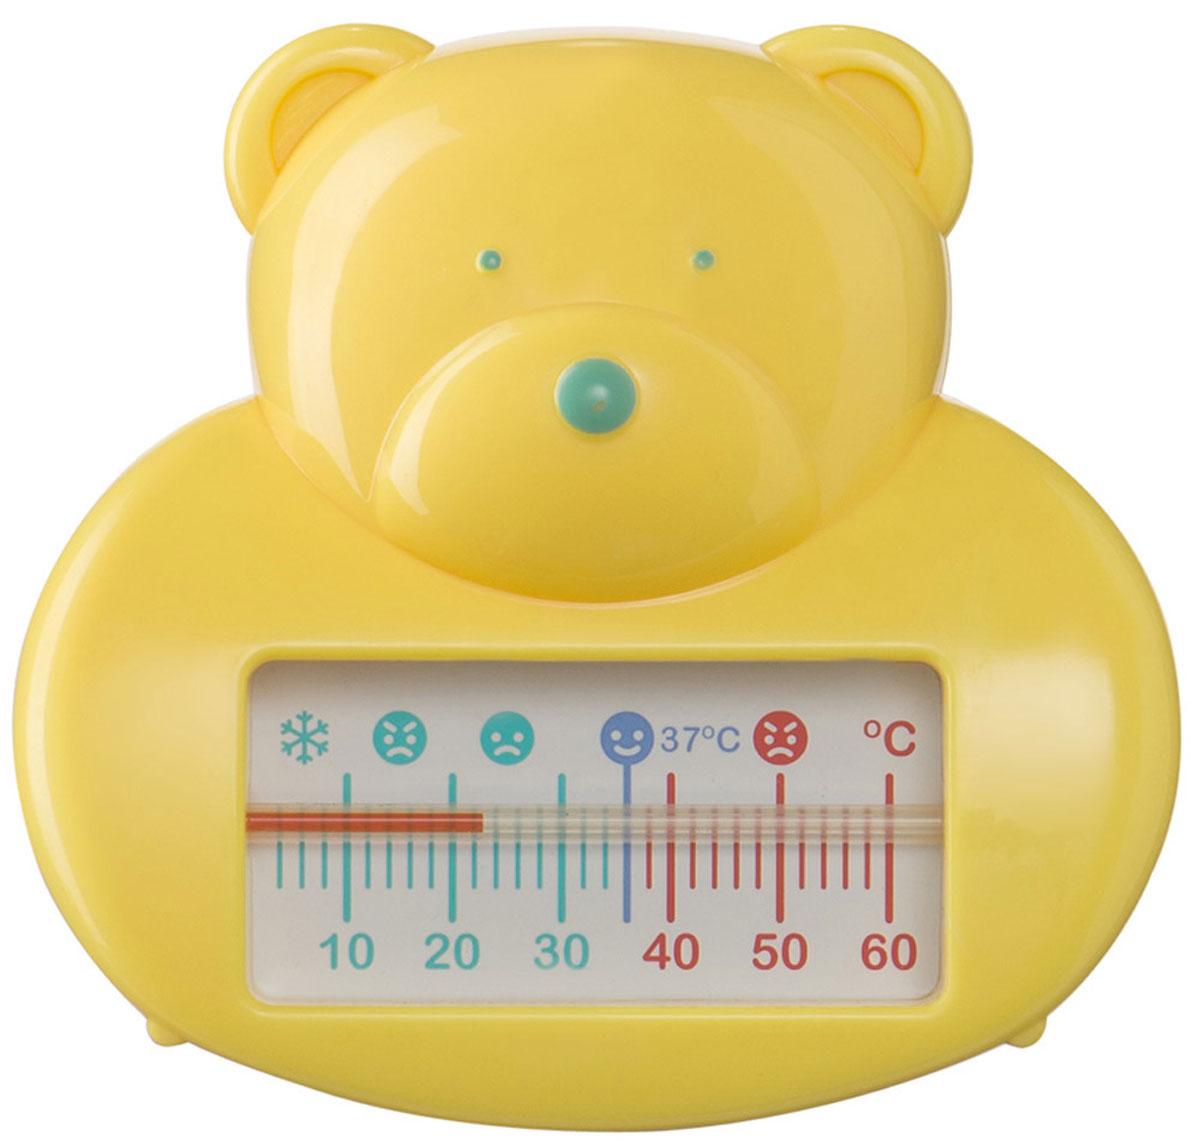 Happy Baby Термометр для воды Мишка18002 YELLOWЗабавная форма термометра в виде мишки порадует малыша во время купания, а удобная шкала поможет определить оптимальную температуру для купания.Термометр используется для измерения температуры воды.Никогда не оставляйте ребенка без присмотра во время купания. Перед купанием убедитесь, что температура воды не выше 37 °C. Перед тем, как опустить термометр в ванну, перемешайте воду. Затем опустите термометр в воду и держите как минимум одну минуту.Перед использованием необходимо вымыть.